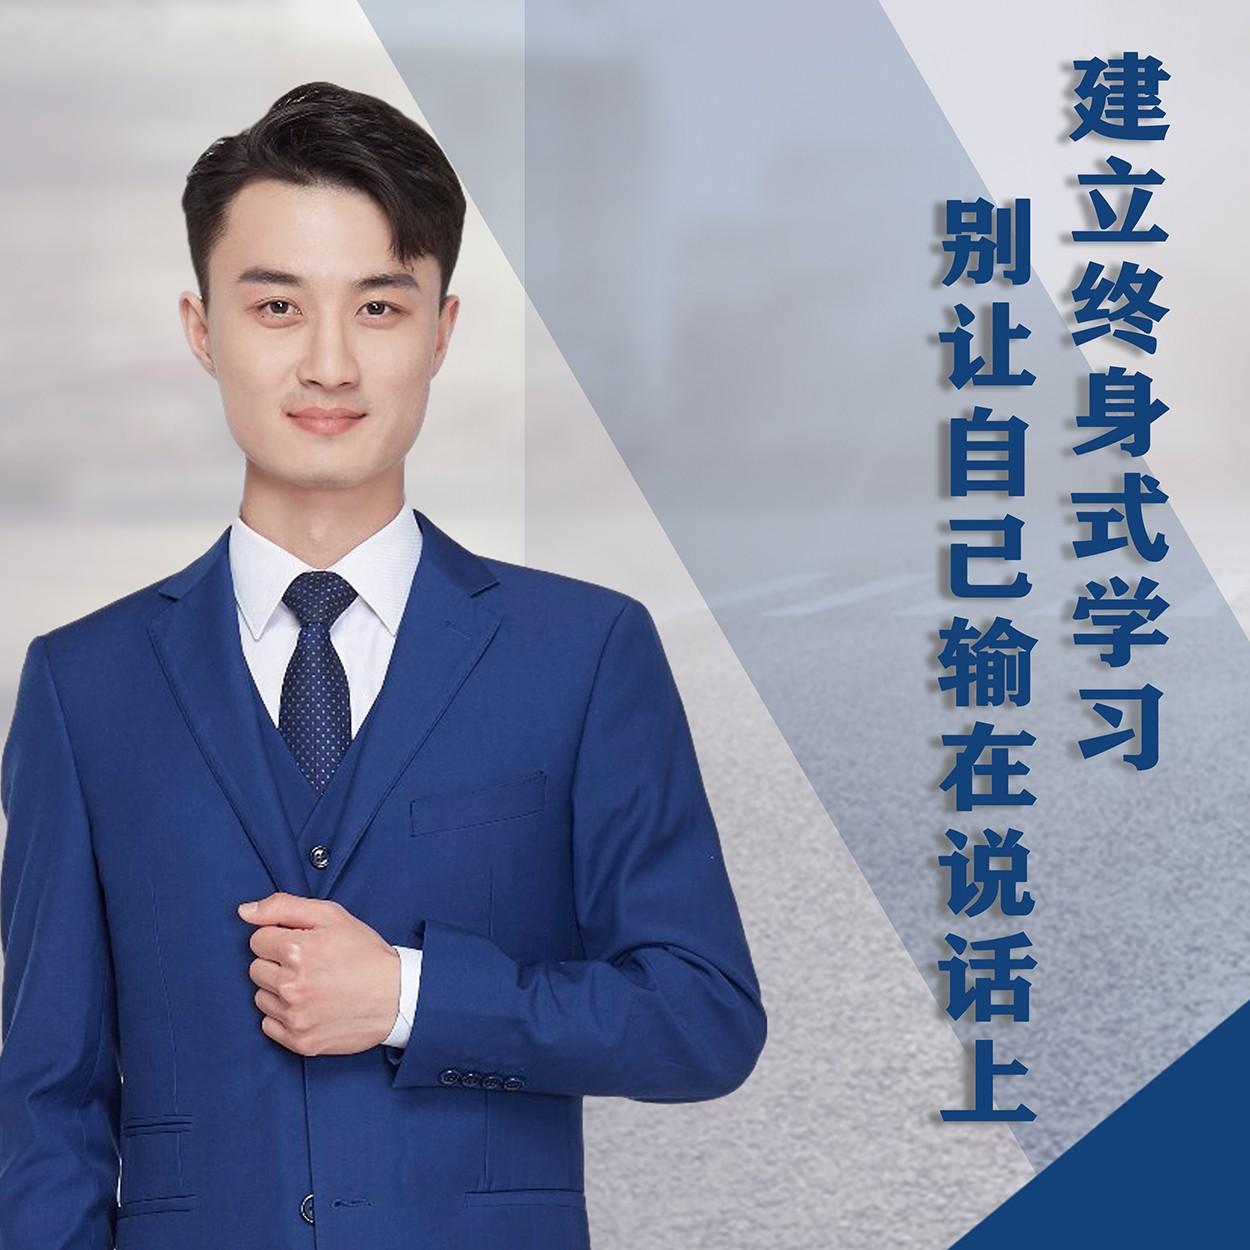 贵阳卡耐基betway体育app学校邵博文老师